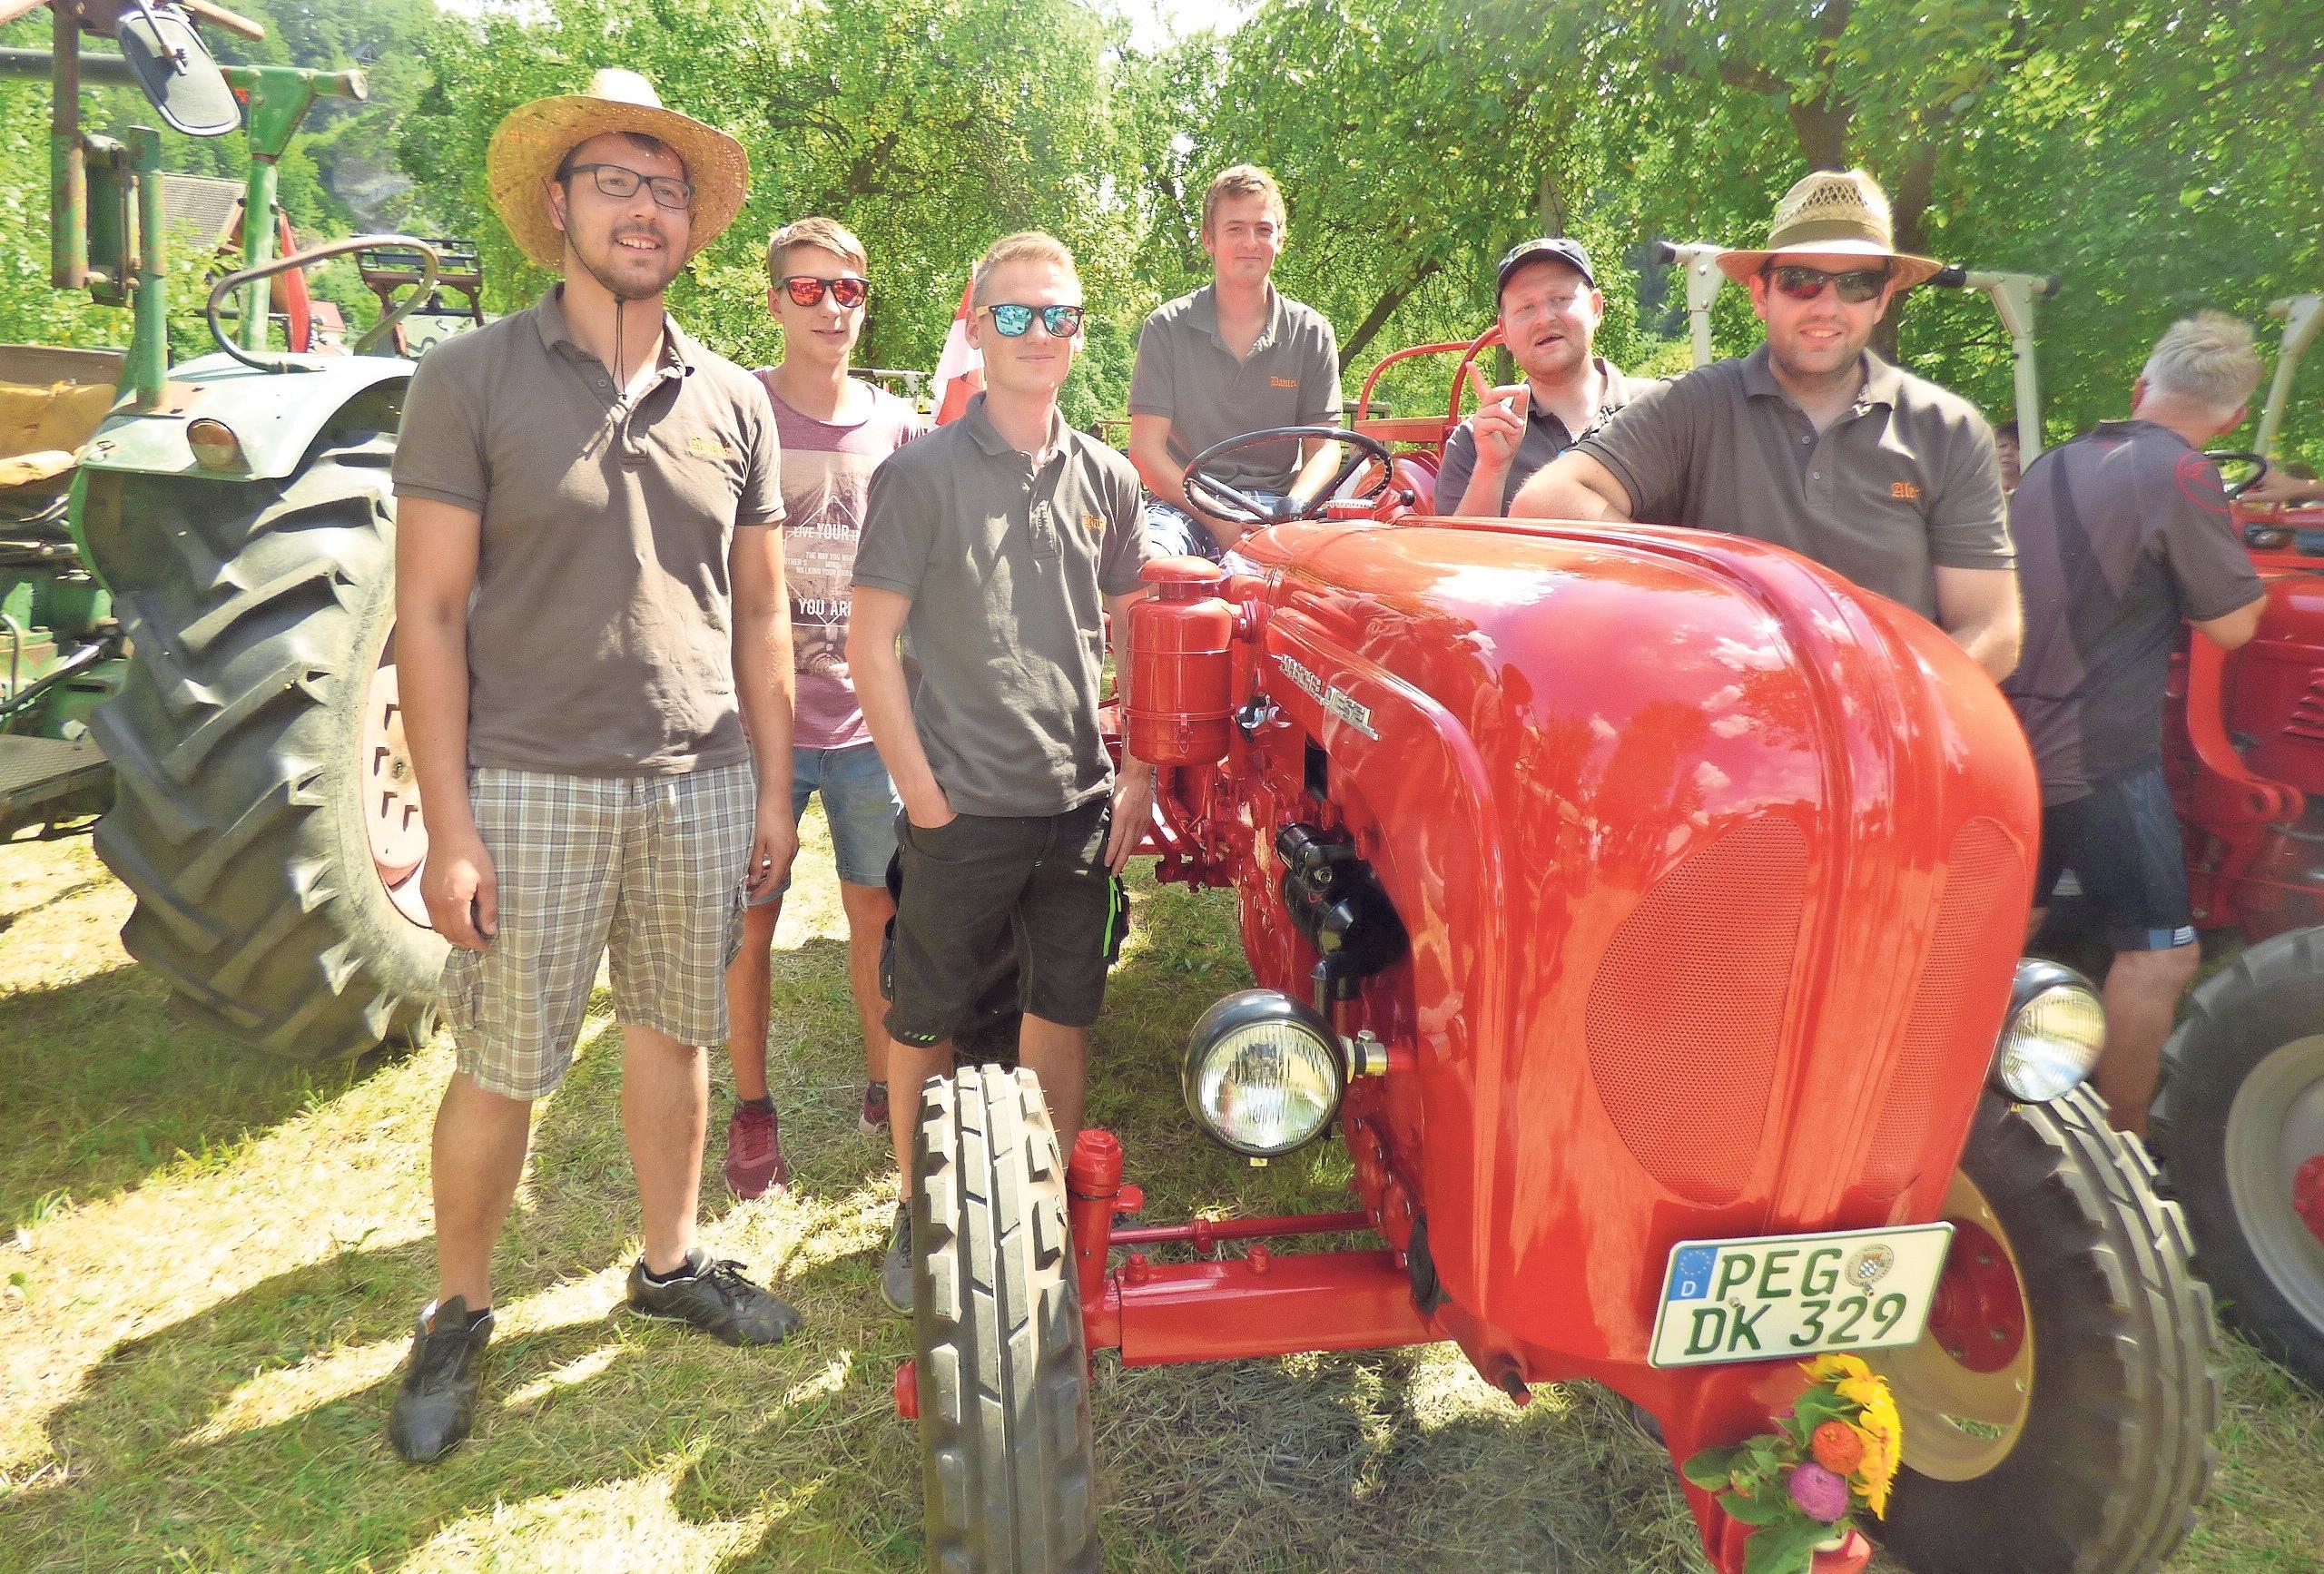 Der Bulldog-Stammtisch Kühlenfels war im letzten Jahr die stärkste Teilnehmergruppe mit 15 Traktoren. Fotos: Archiv Thomas Weichert